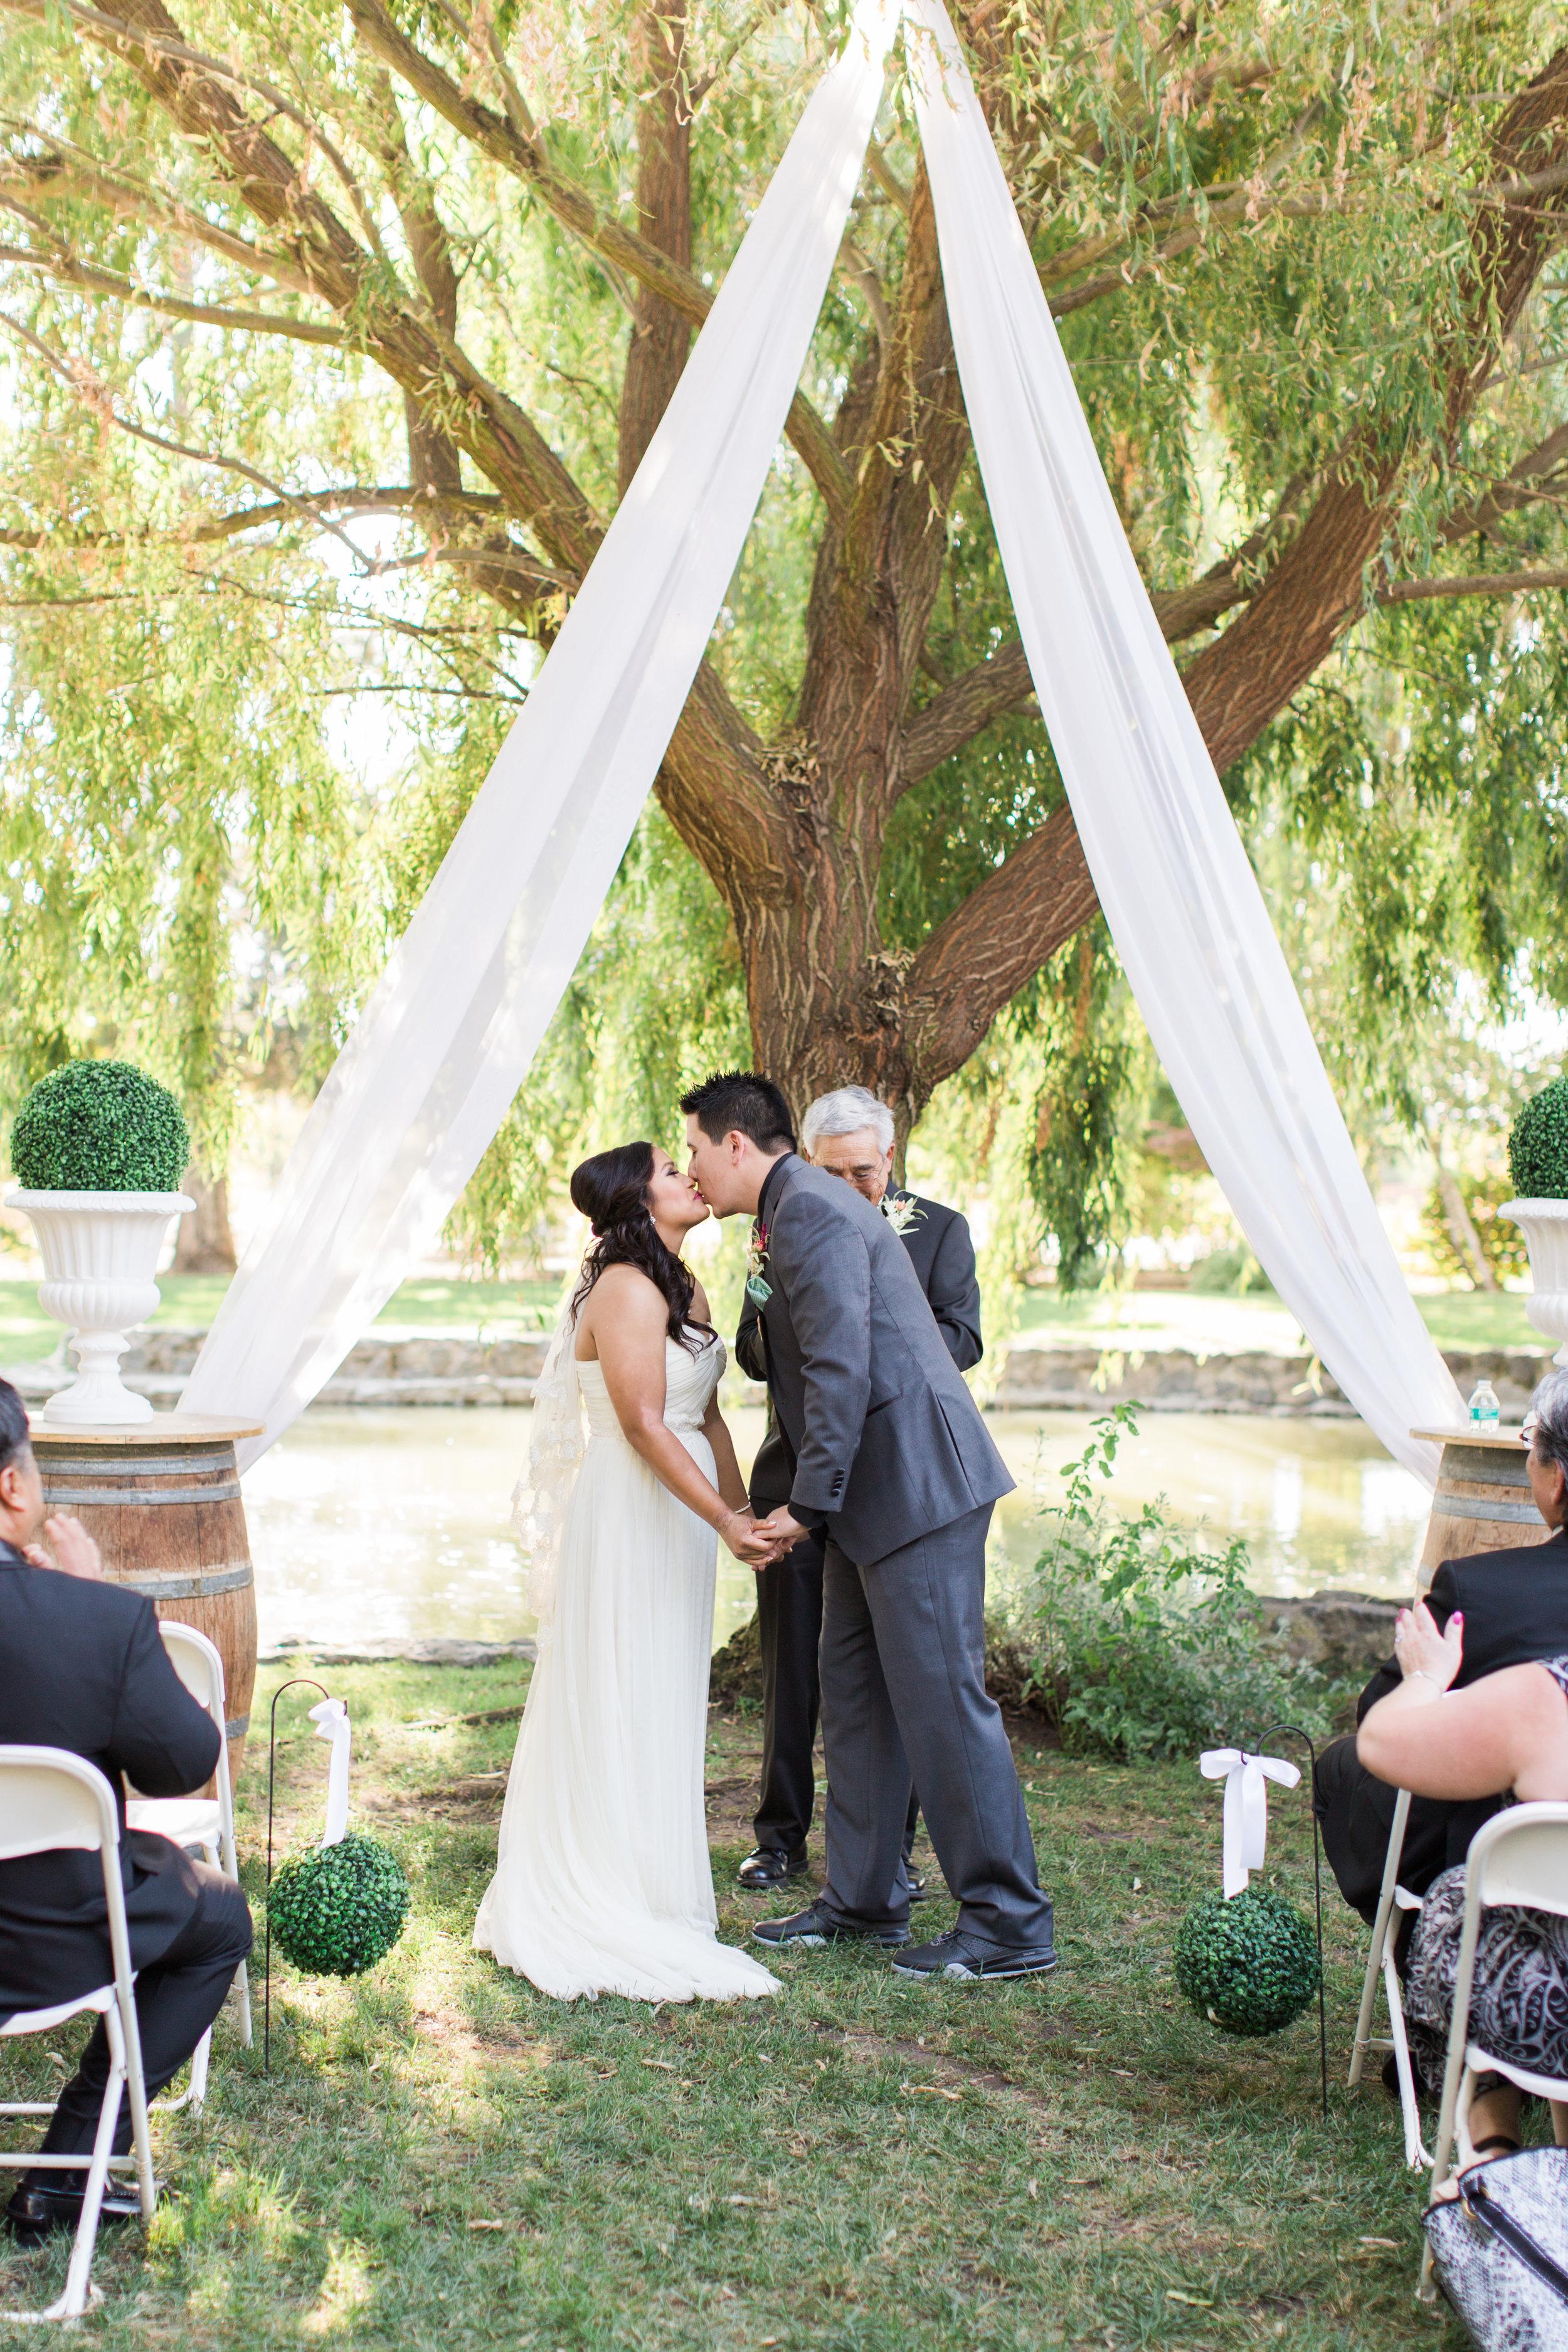 Mettler-family-vineyards-wedding-lodi-california-6891.jpg